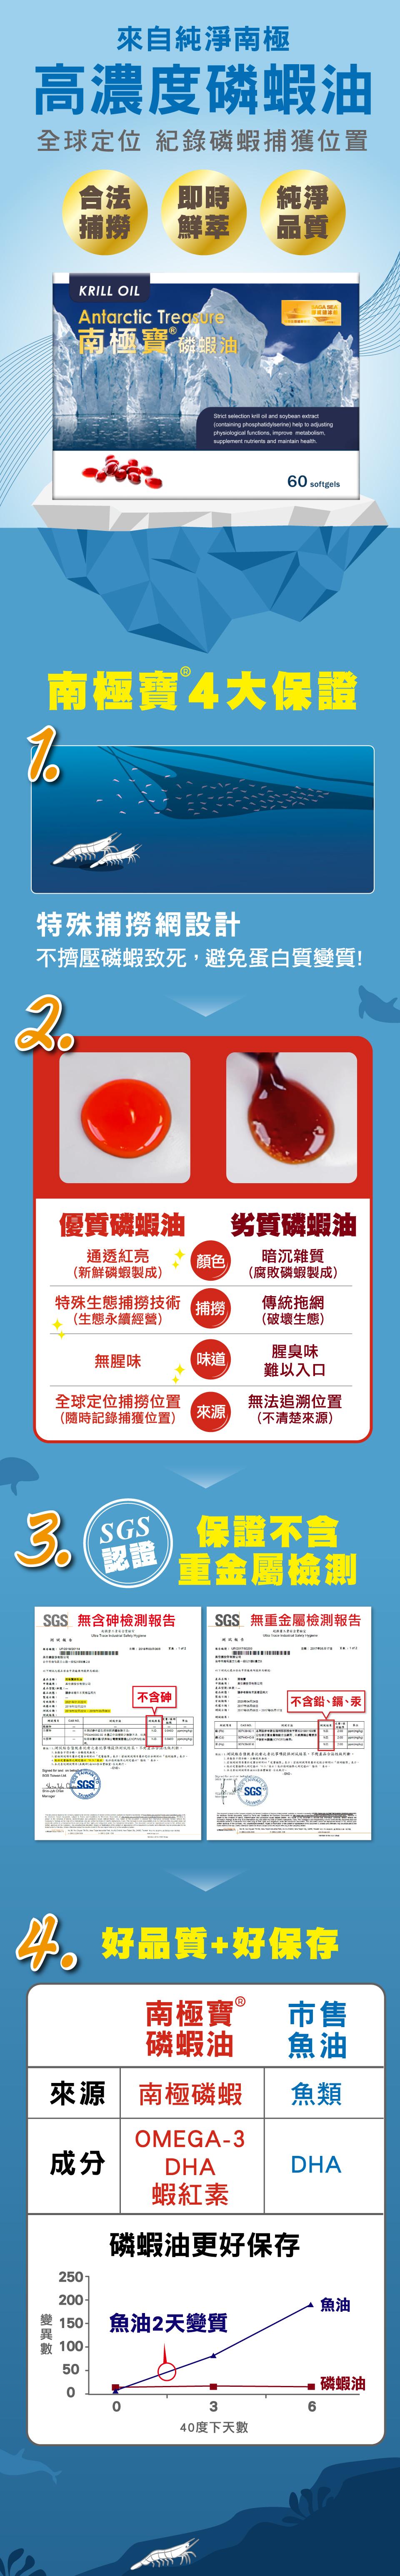 南極寶磷蝦油說明02